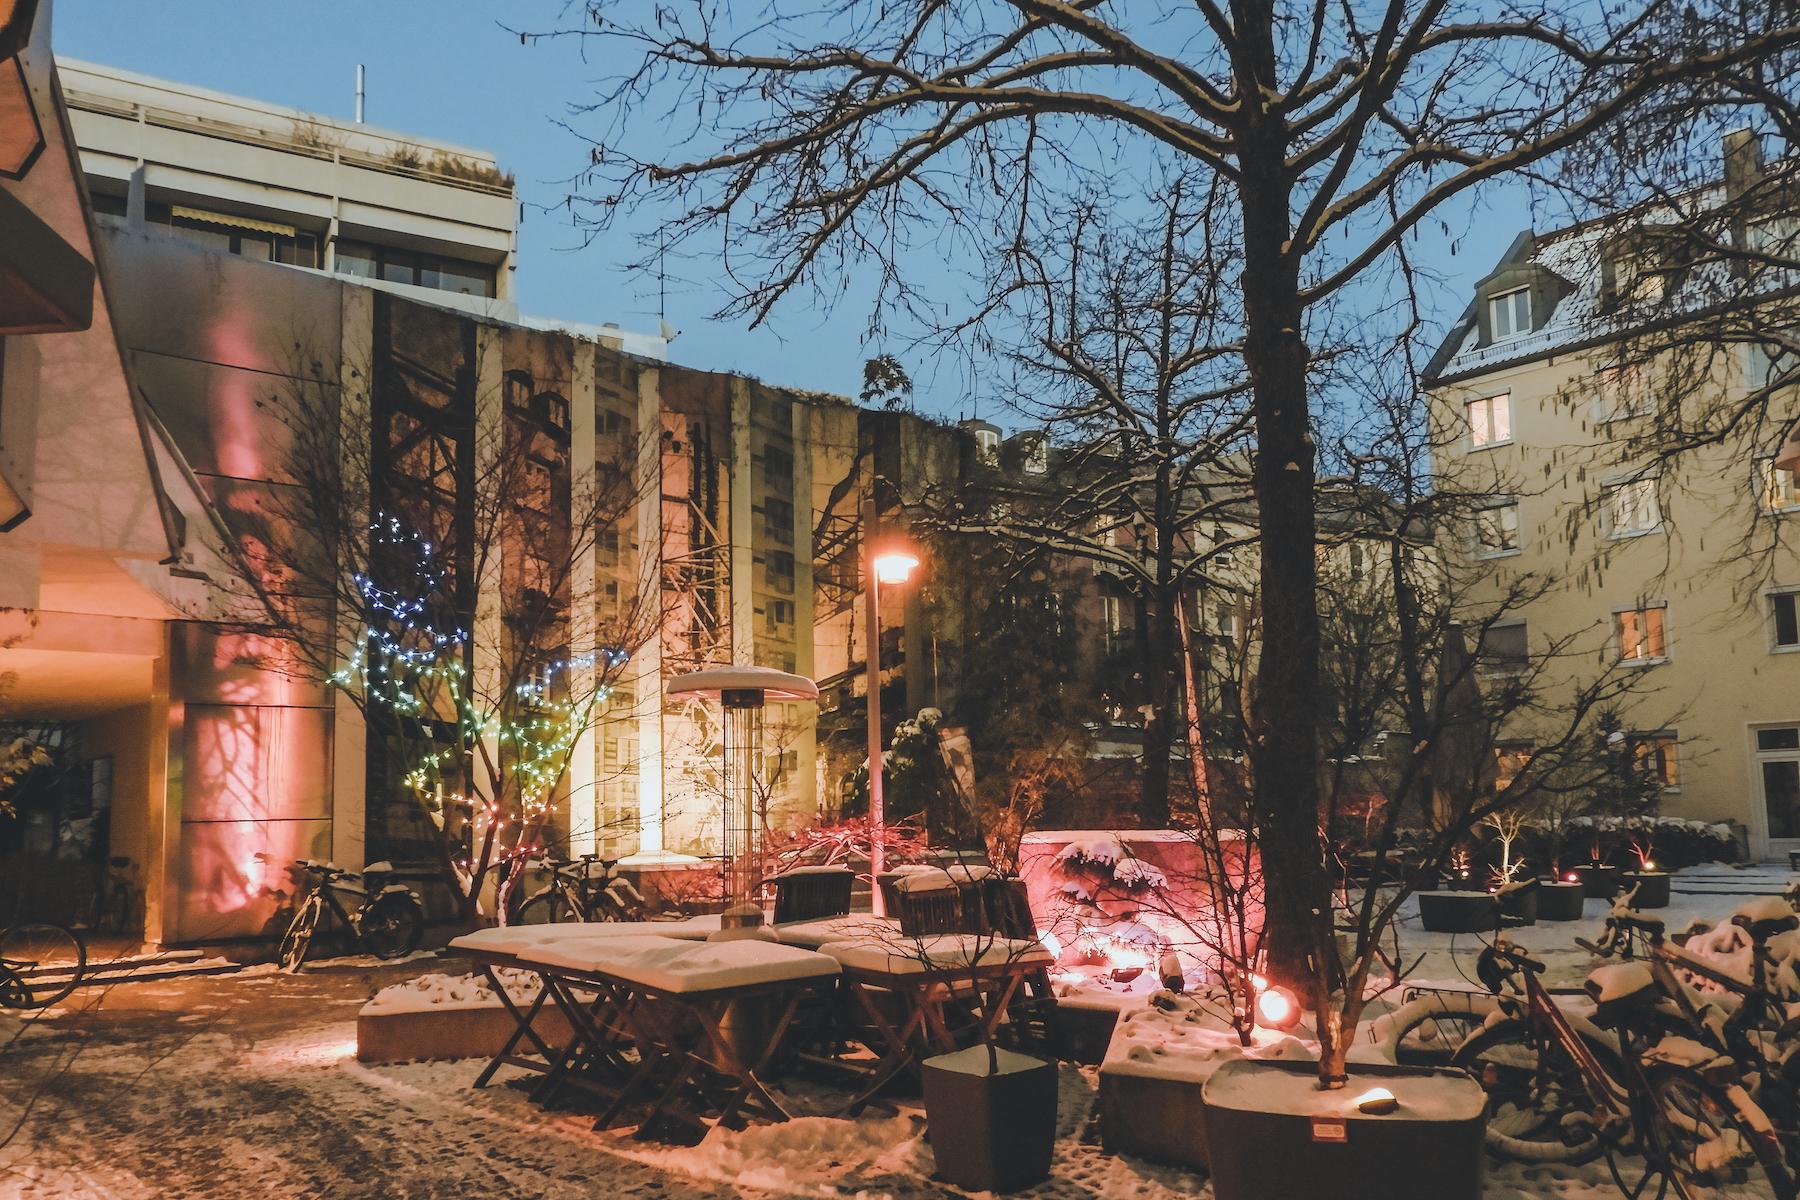 GeheimtippMuenchen Top7 Valentinstag MaevArtScience Ausstellung2